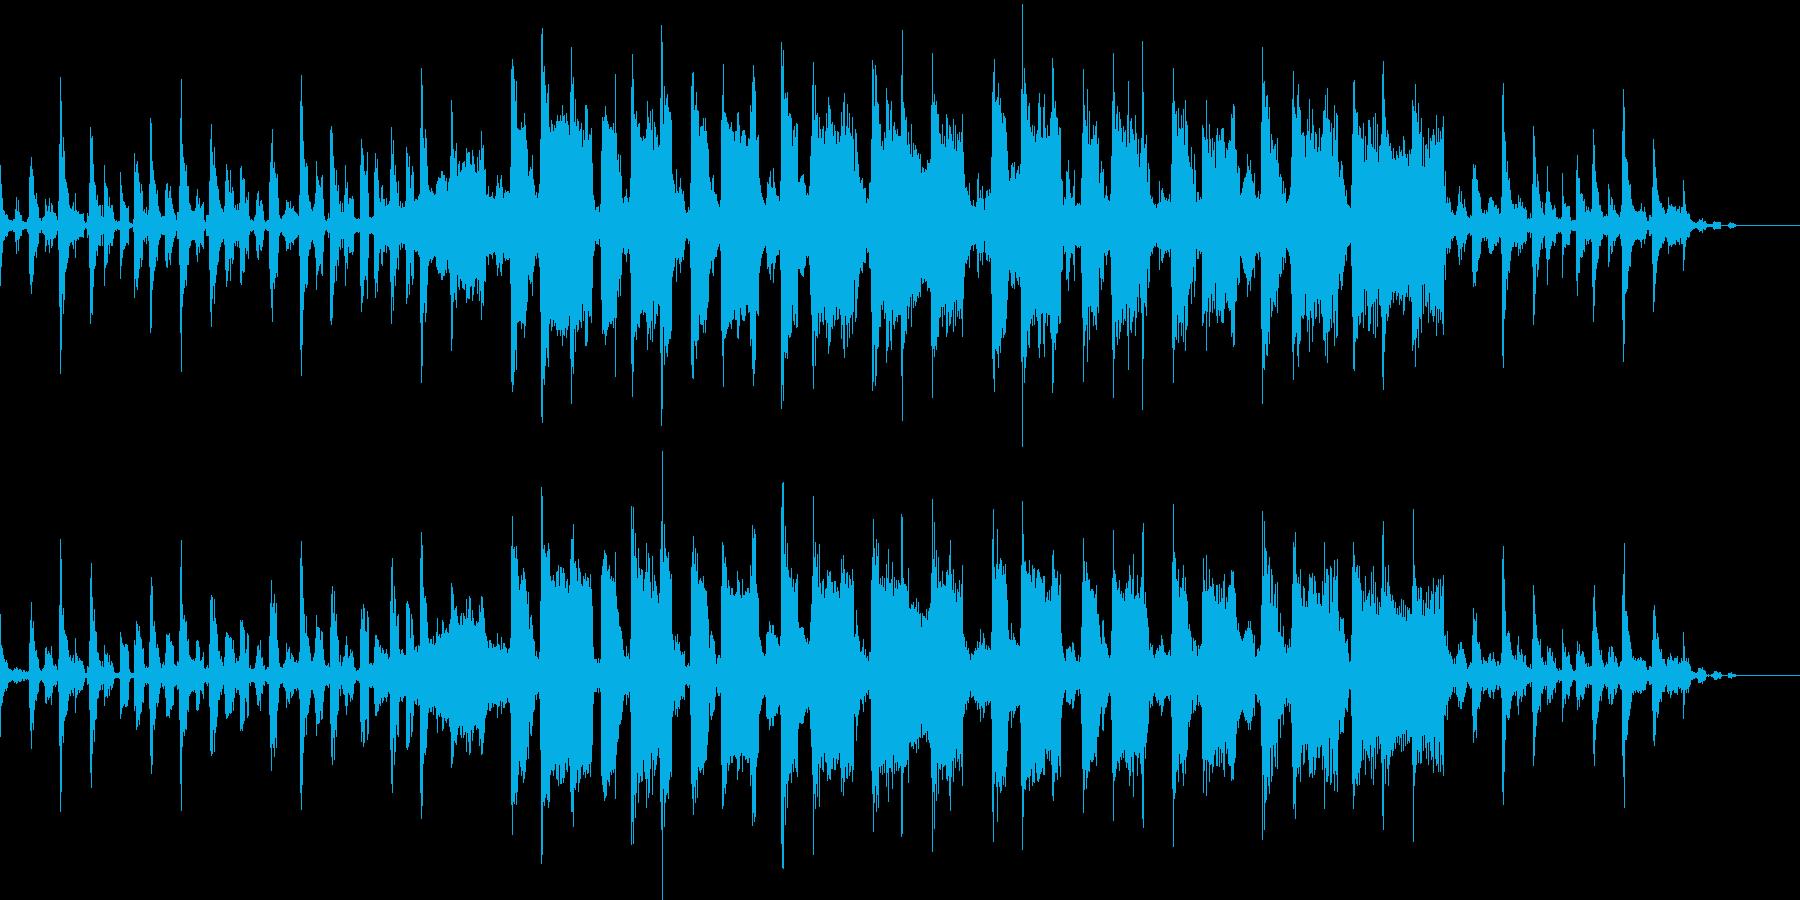 ハウステイストのBGMの再生済みの波形